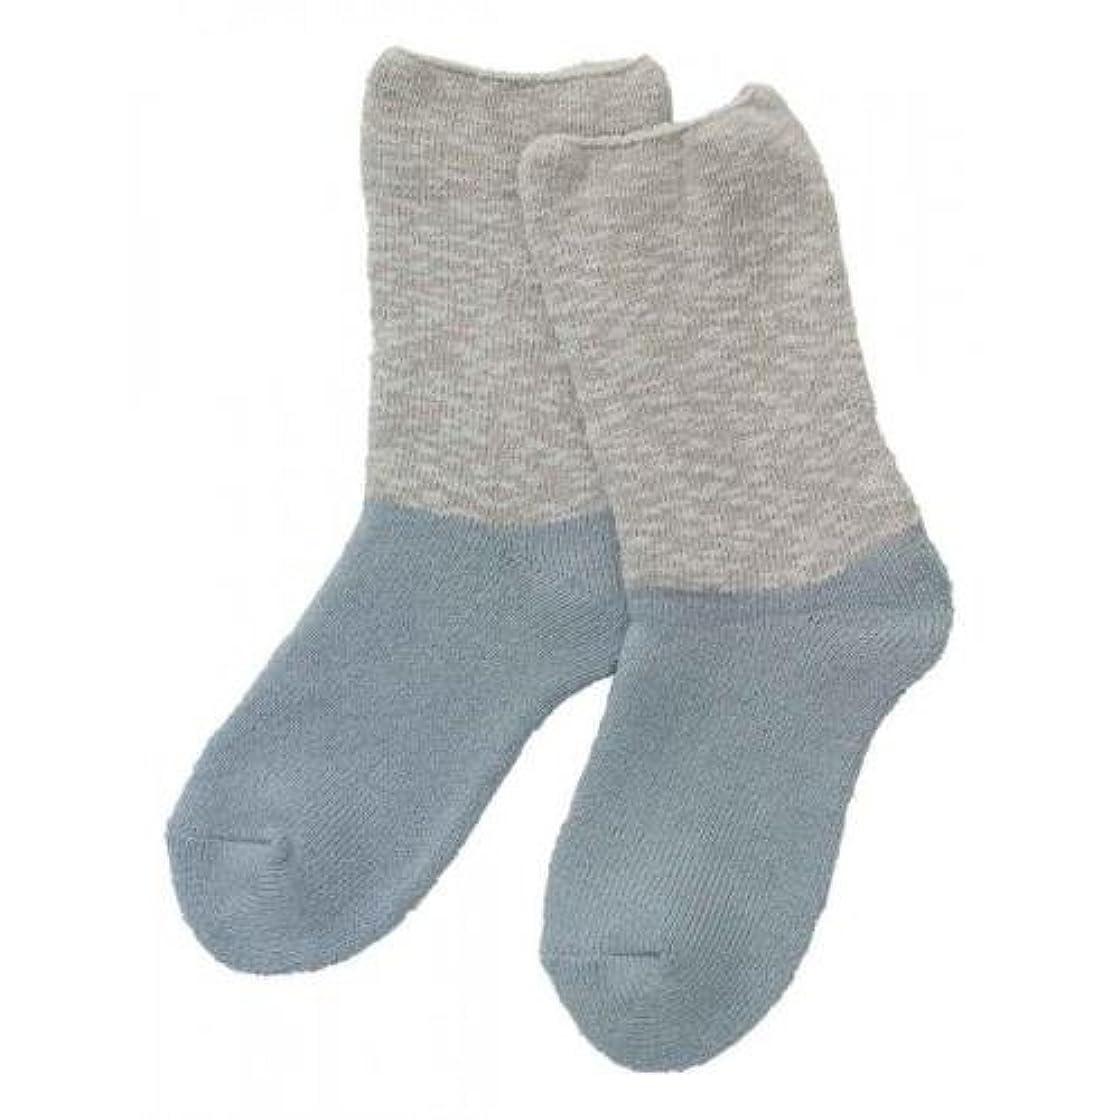 アルバニー自動的に調整Carelance(ケアランス)お風呂上りのやさしい靴下 綿麻パイルで足先さわやか 8706CA-70 ブルー